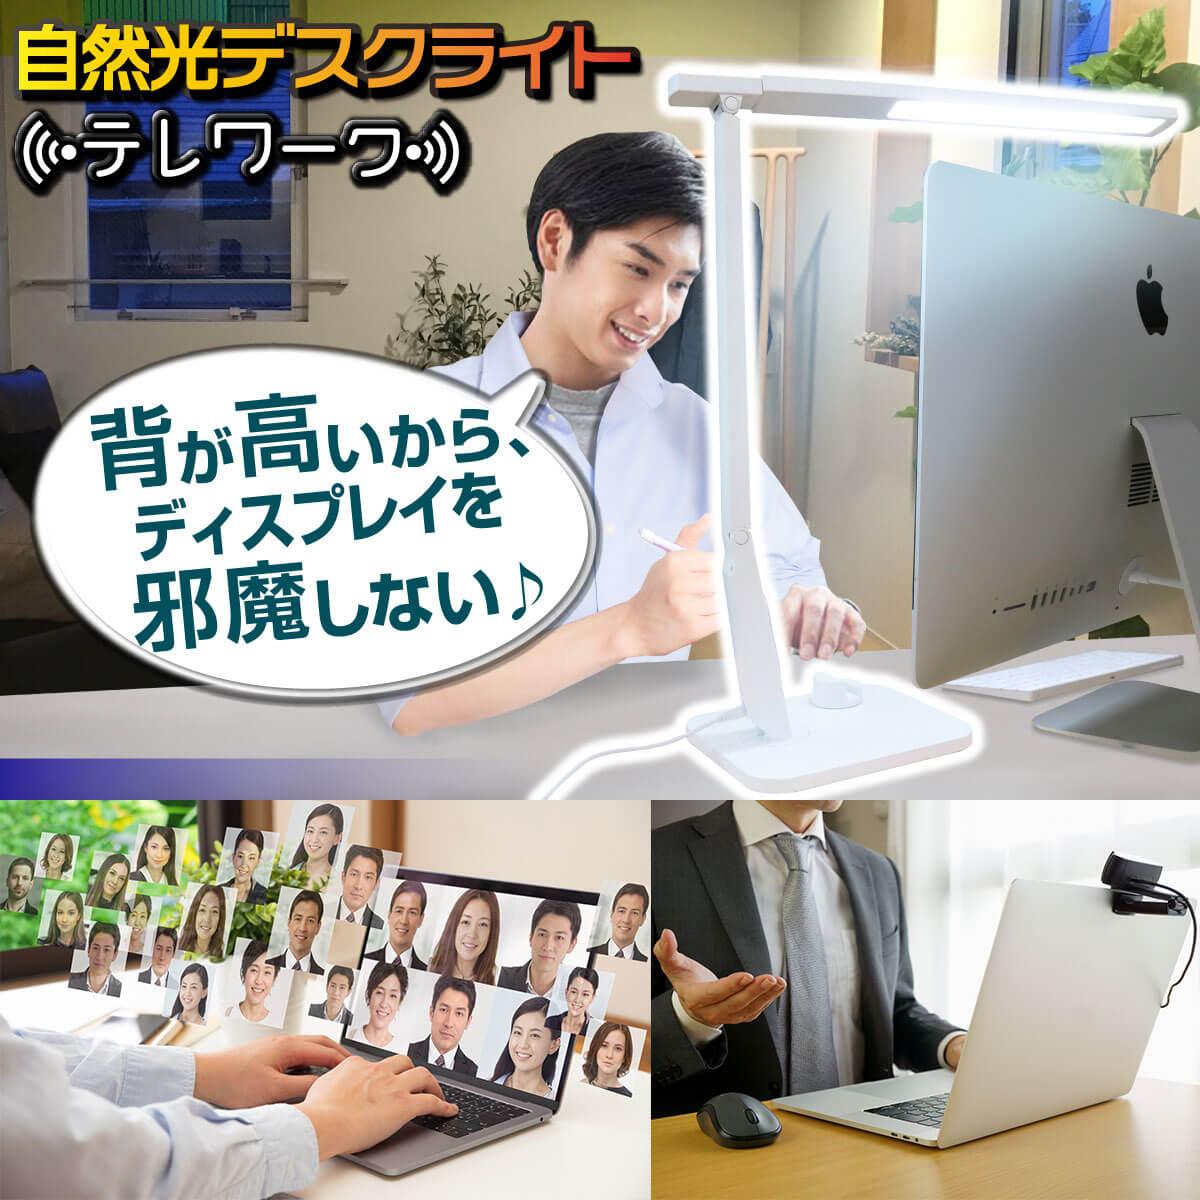 デスクライト 目に優しい 自然光デスクライト テレワーク LEDデスクライト デスクスタンド LEDデスクスタンド ディスプレイ スタディライト Zoom映え 電気スタンド